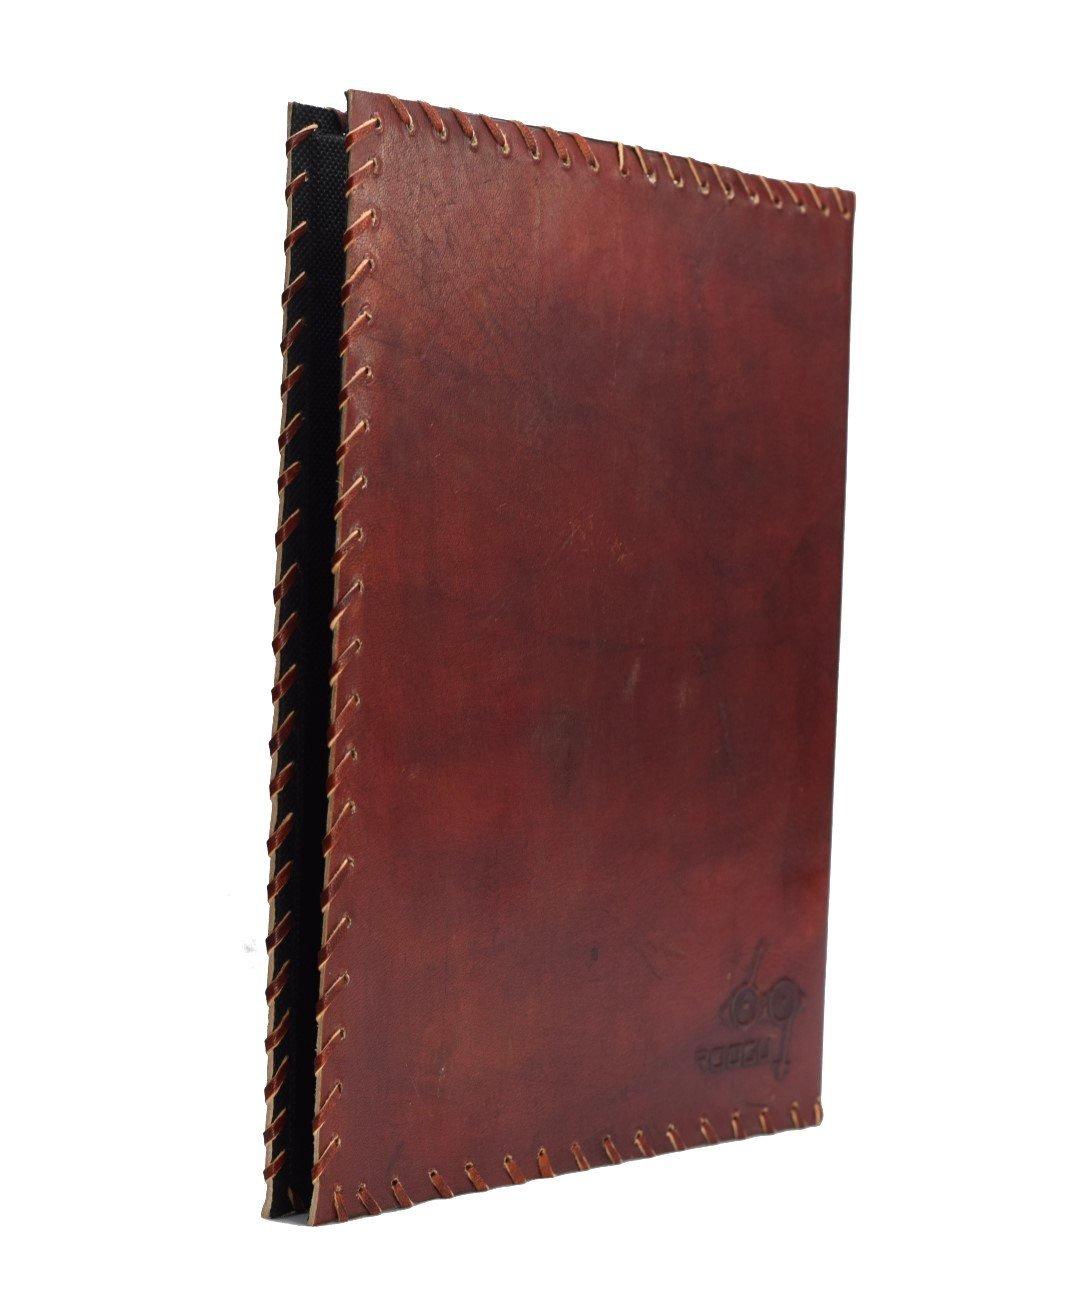 Themis Archivador Anillas A4 Cuero Piel Genuina Hecho Mano India Notario Abogado: Amazon.es: Oficina y papelería